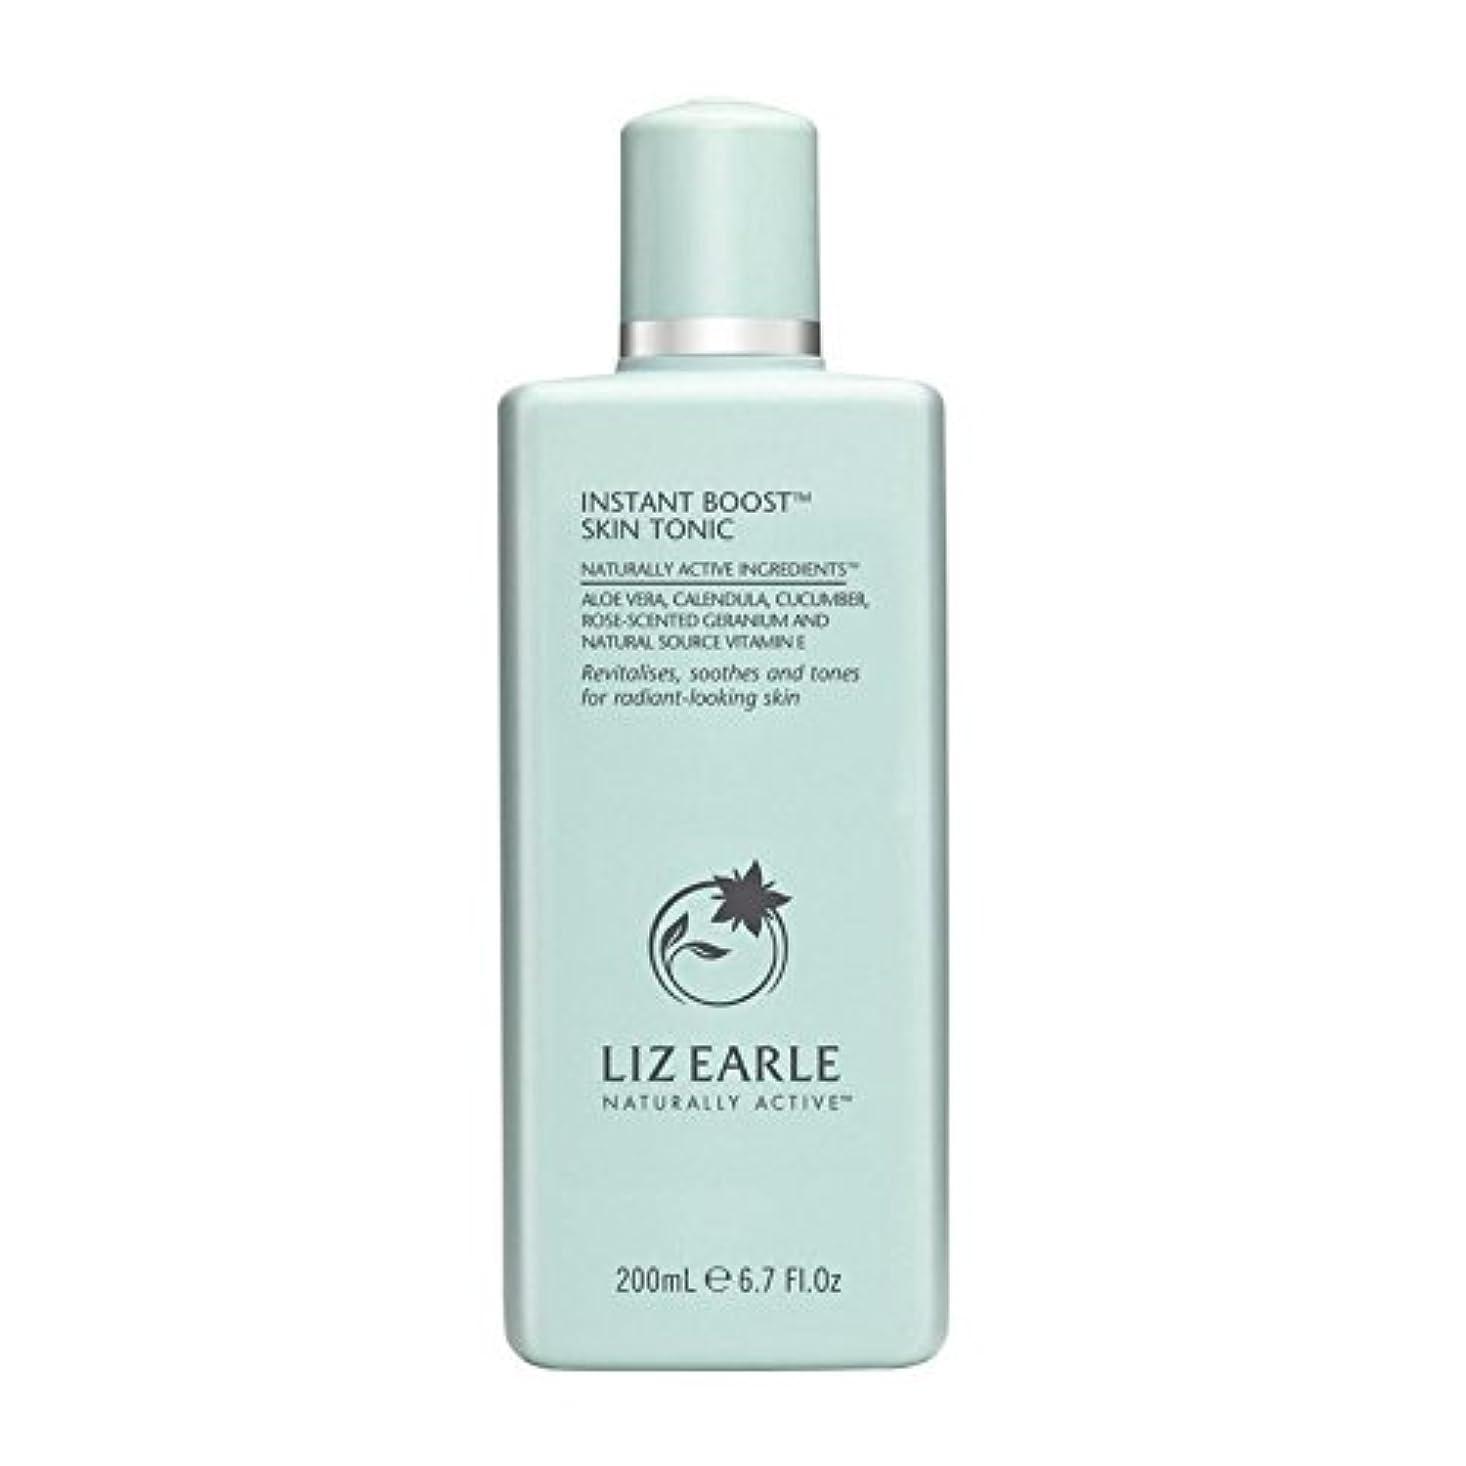 気分が良いステレオ許されるリズアールインスタントブーストスキントニックボトル200ミリリットル x2 - Liz Earle Instant Boost Skin Tonic Bottle 200ml (Pack of 2) [並行輸入品]